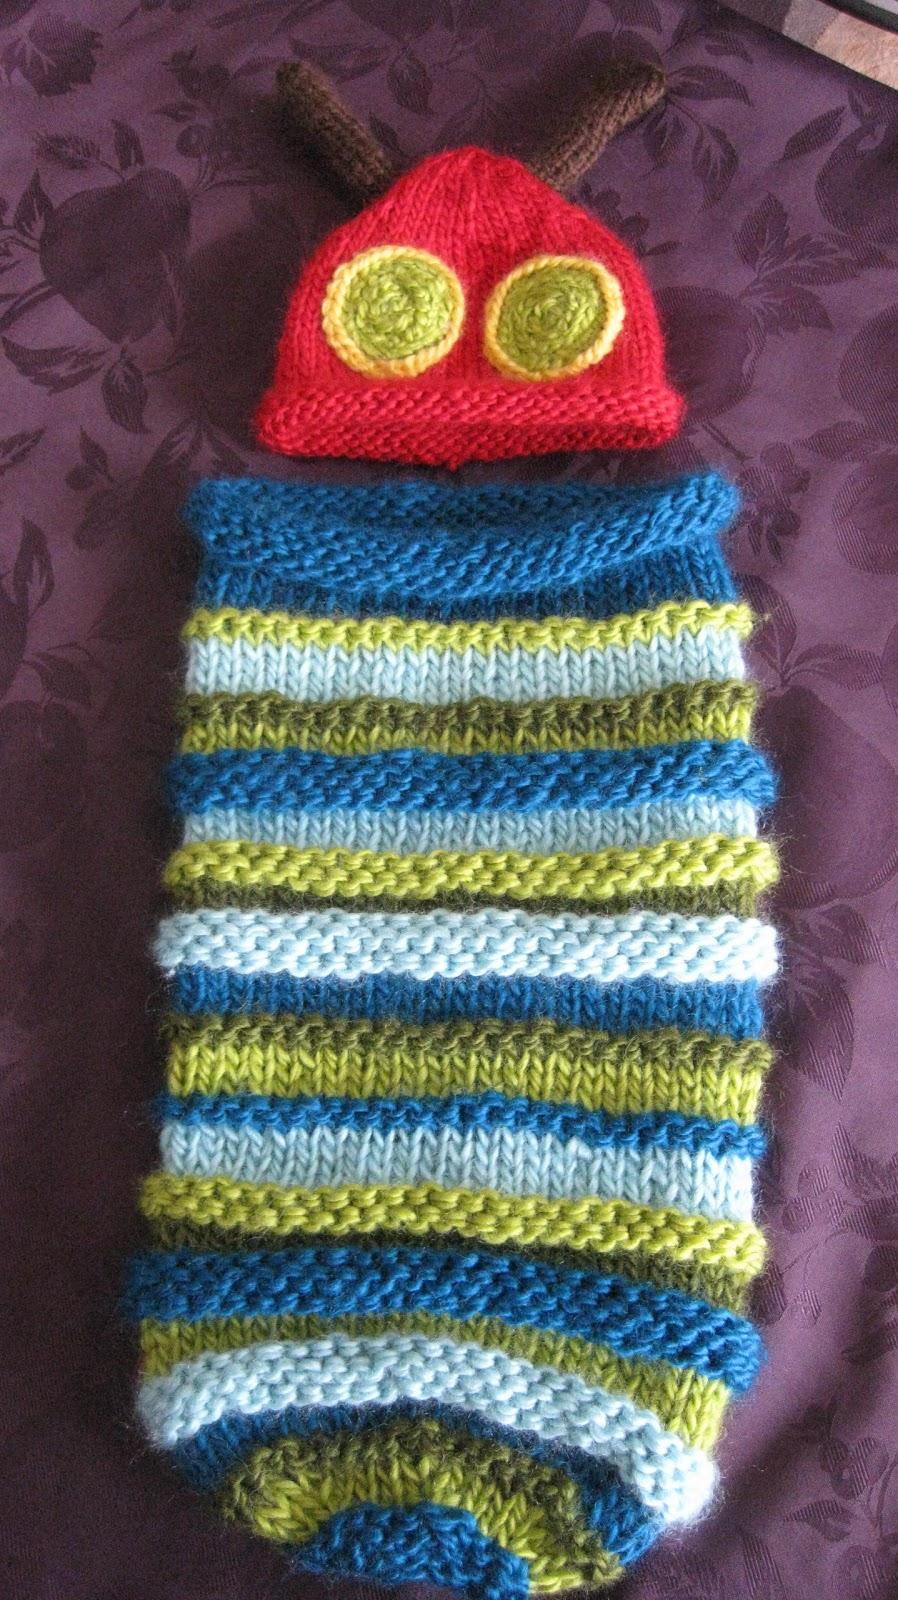 Hungry Caterpillar Baby Knitting Pattern : SEWmuchKNITting: Hungry Caterpillar Baby Cocoon and Hat